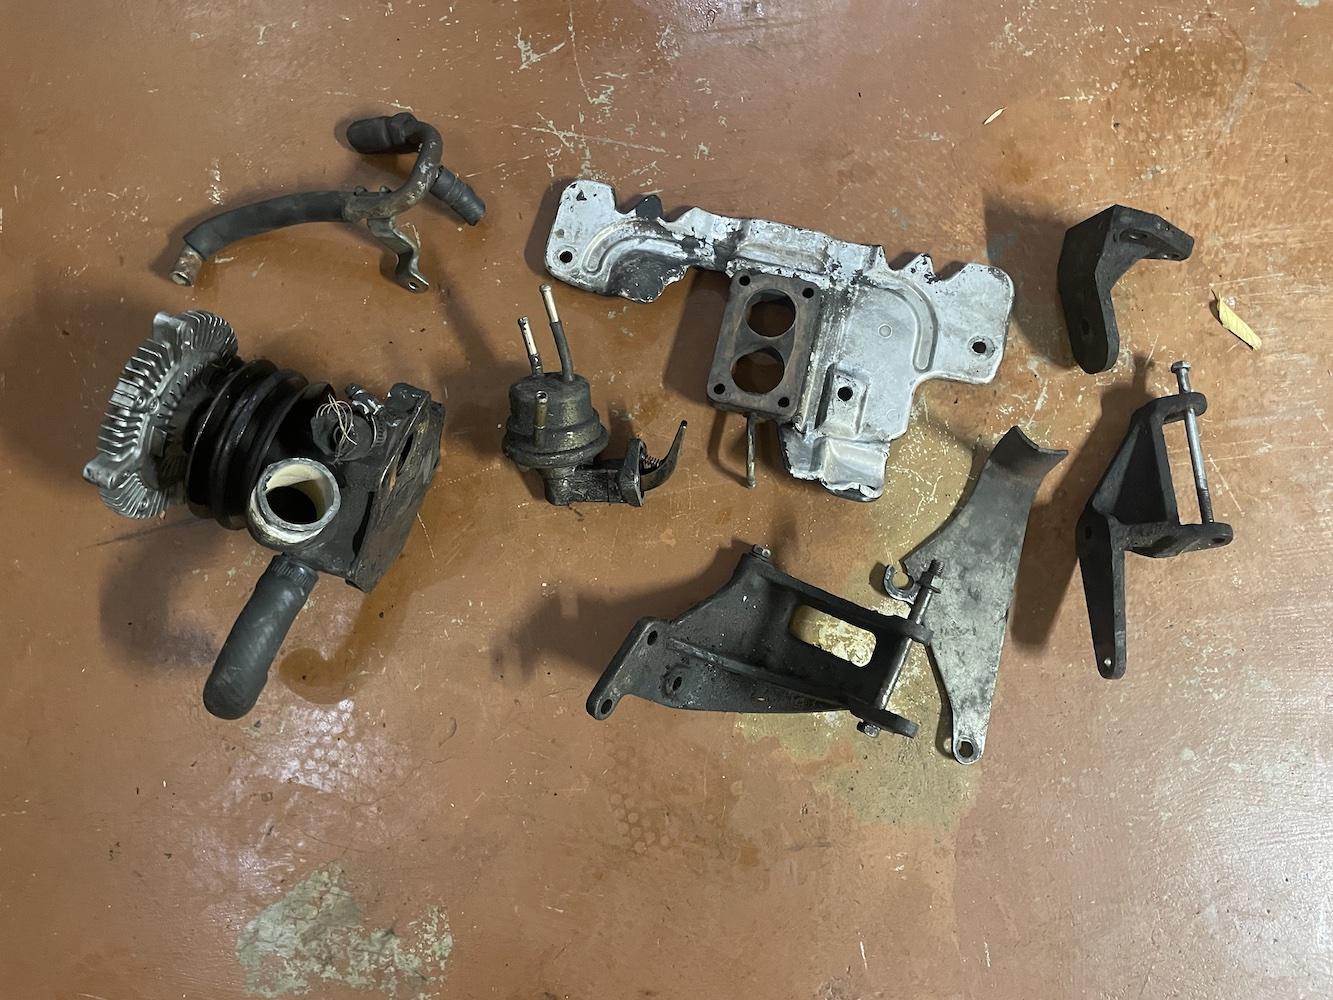 water-pump-other-junk-1.jpeg